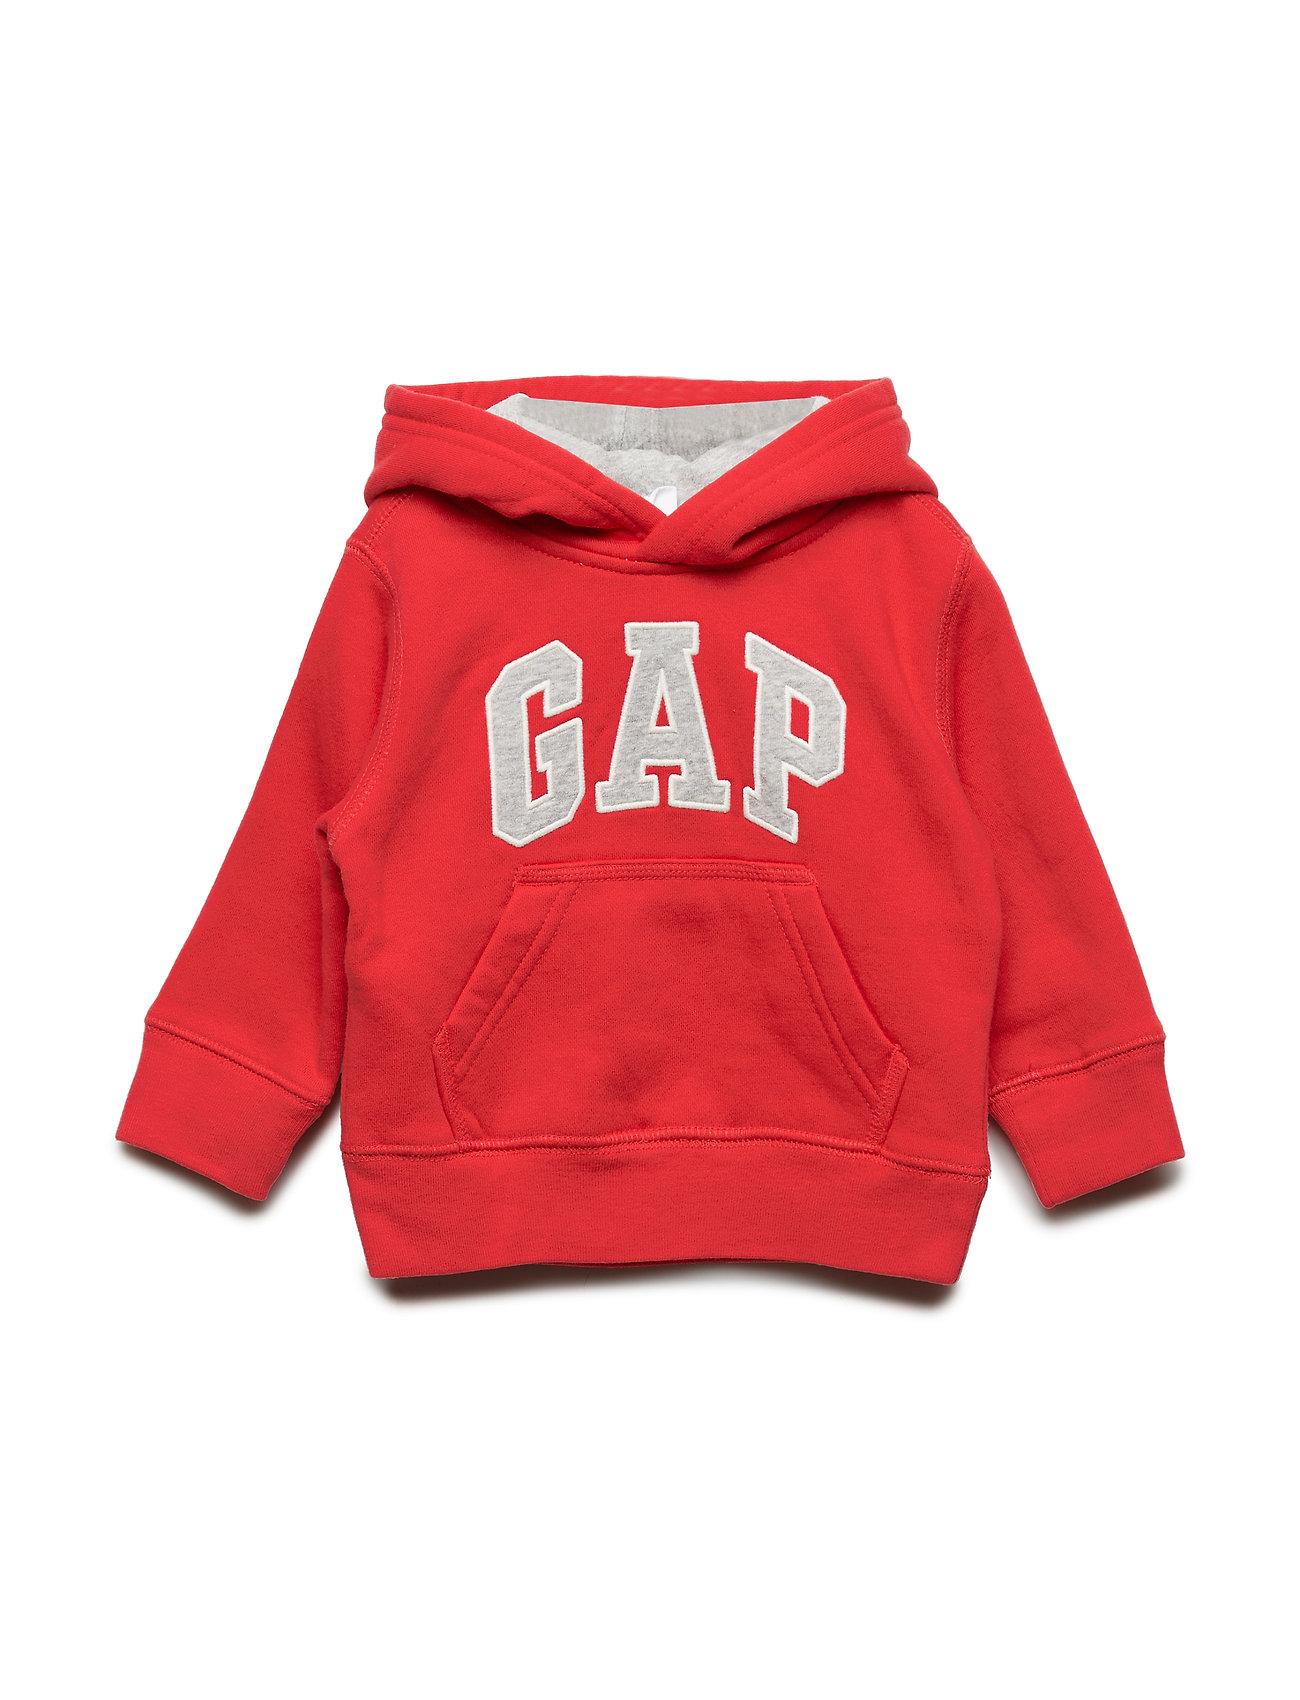 GAP Toddler Gap Logo Hoodie Sweatshirt - RED WAGON